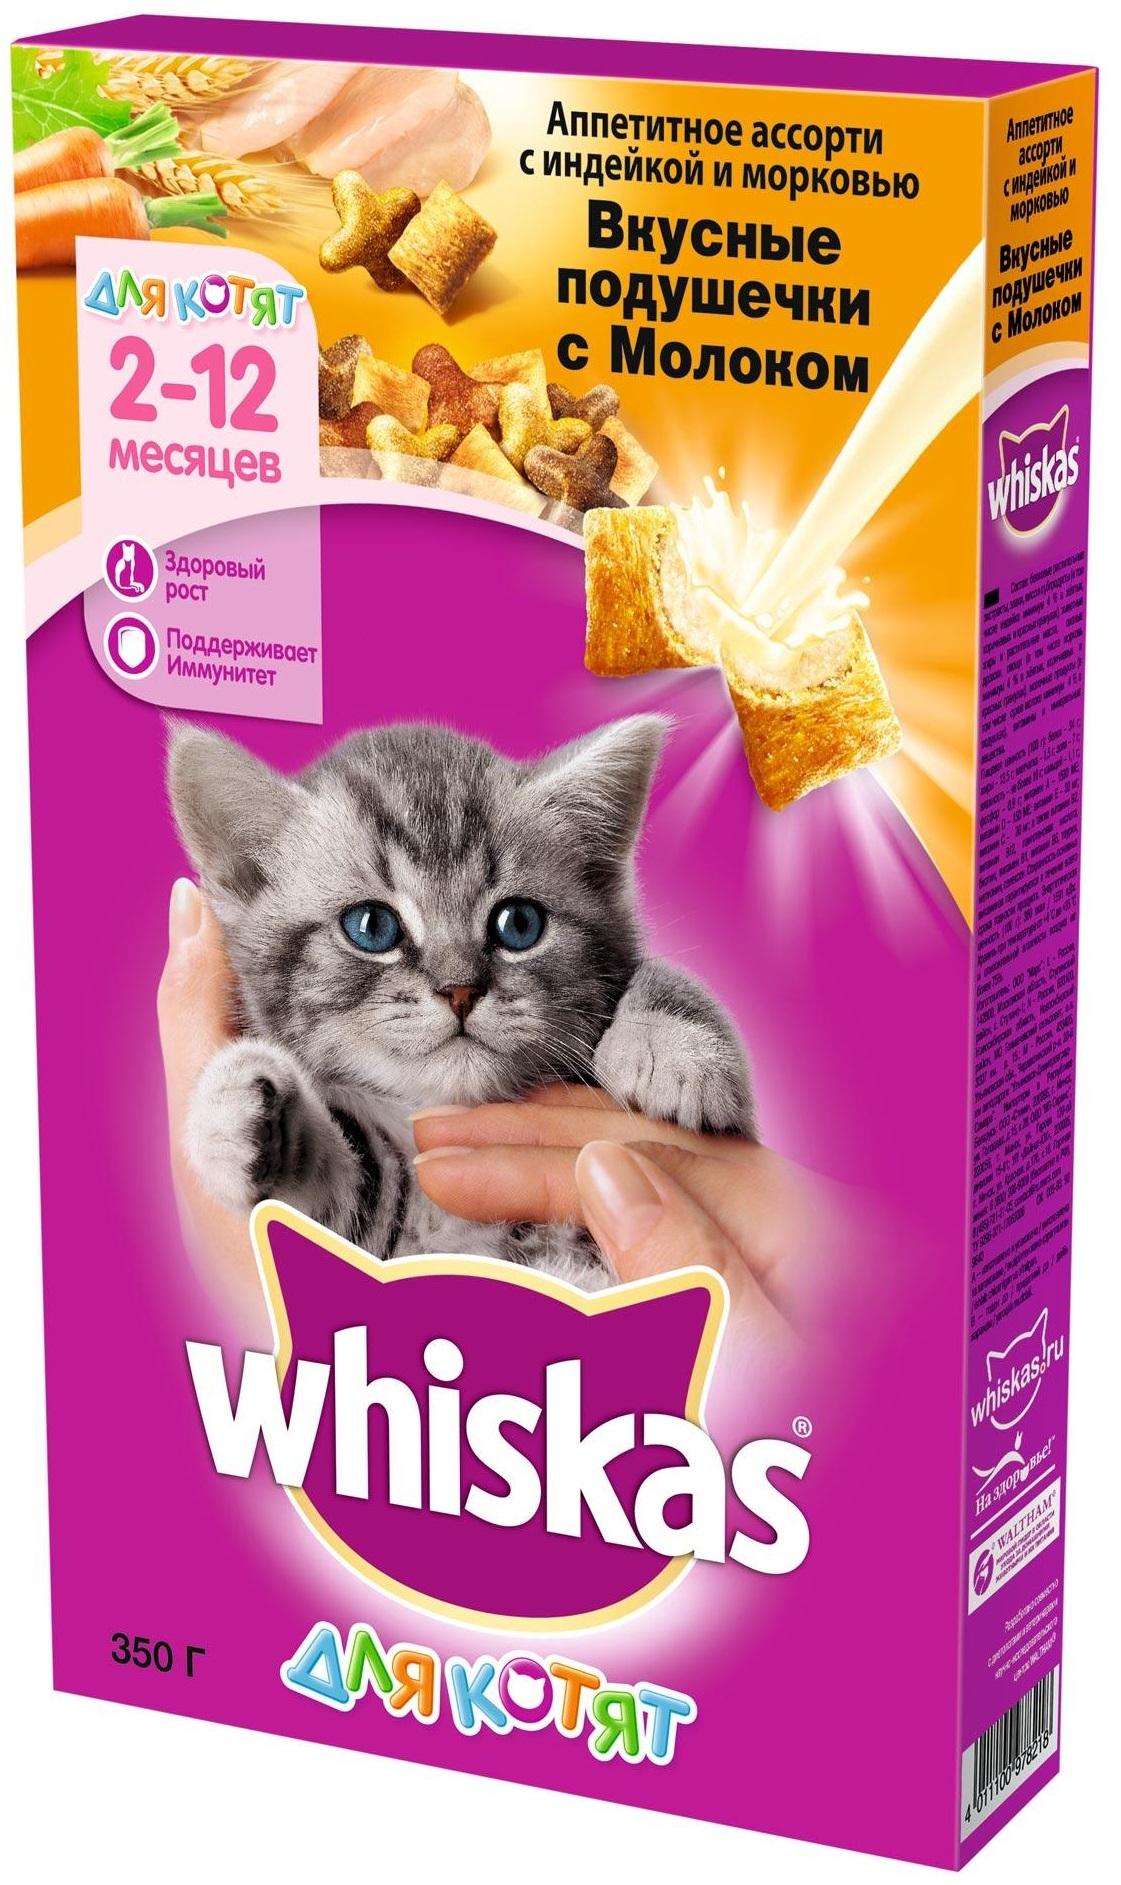 Корм сухой для котят Whiskas Вкусные подушечки, с молоком, с индейкой и морковью, 350 г38991Вискас сухой корм для котят. Whiskas для котят создан с учетом всех особенностей развития организма котенка и полностью удовлетворяет потребности питомца в питательных веществах. Состав: белок (34 г), жир (13,5 г), клетчатка (1,5 г), зола (7 г), влажность (не более 10 г), кальций (1,1 г), фосфор (0,9 г), натрий (0,8 г), магний (0,08 г), калий (0,6 г), витамин А (1500 МЕ), витамин D (150 МЕ), витамин Е (46 мг), витамин С (20 мг), а также витамин В2, витамин В12, пантотеновая кислота, биотин, витамин В1, витамин В6, фолиевая кислота, таурин, метионин.селексен. Ингредиенты: злаки, белковые растительные экстракты, мясо и субпродукты (в т.ч. индейка, мин.4% в желтых, красных и коричневых гранулах) животные жиры и растительные масла, пивные дрожжи, овощи (в том числе морковь мин.4% в желтых, коричневых и красных гранулах), витамины и минеральные вещества. Товар сертифицирован.